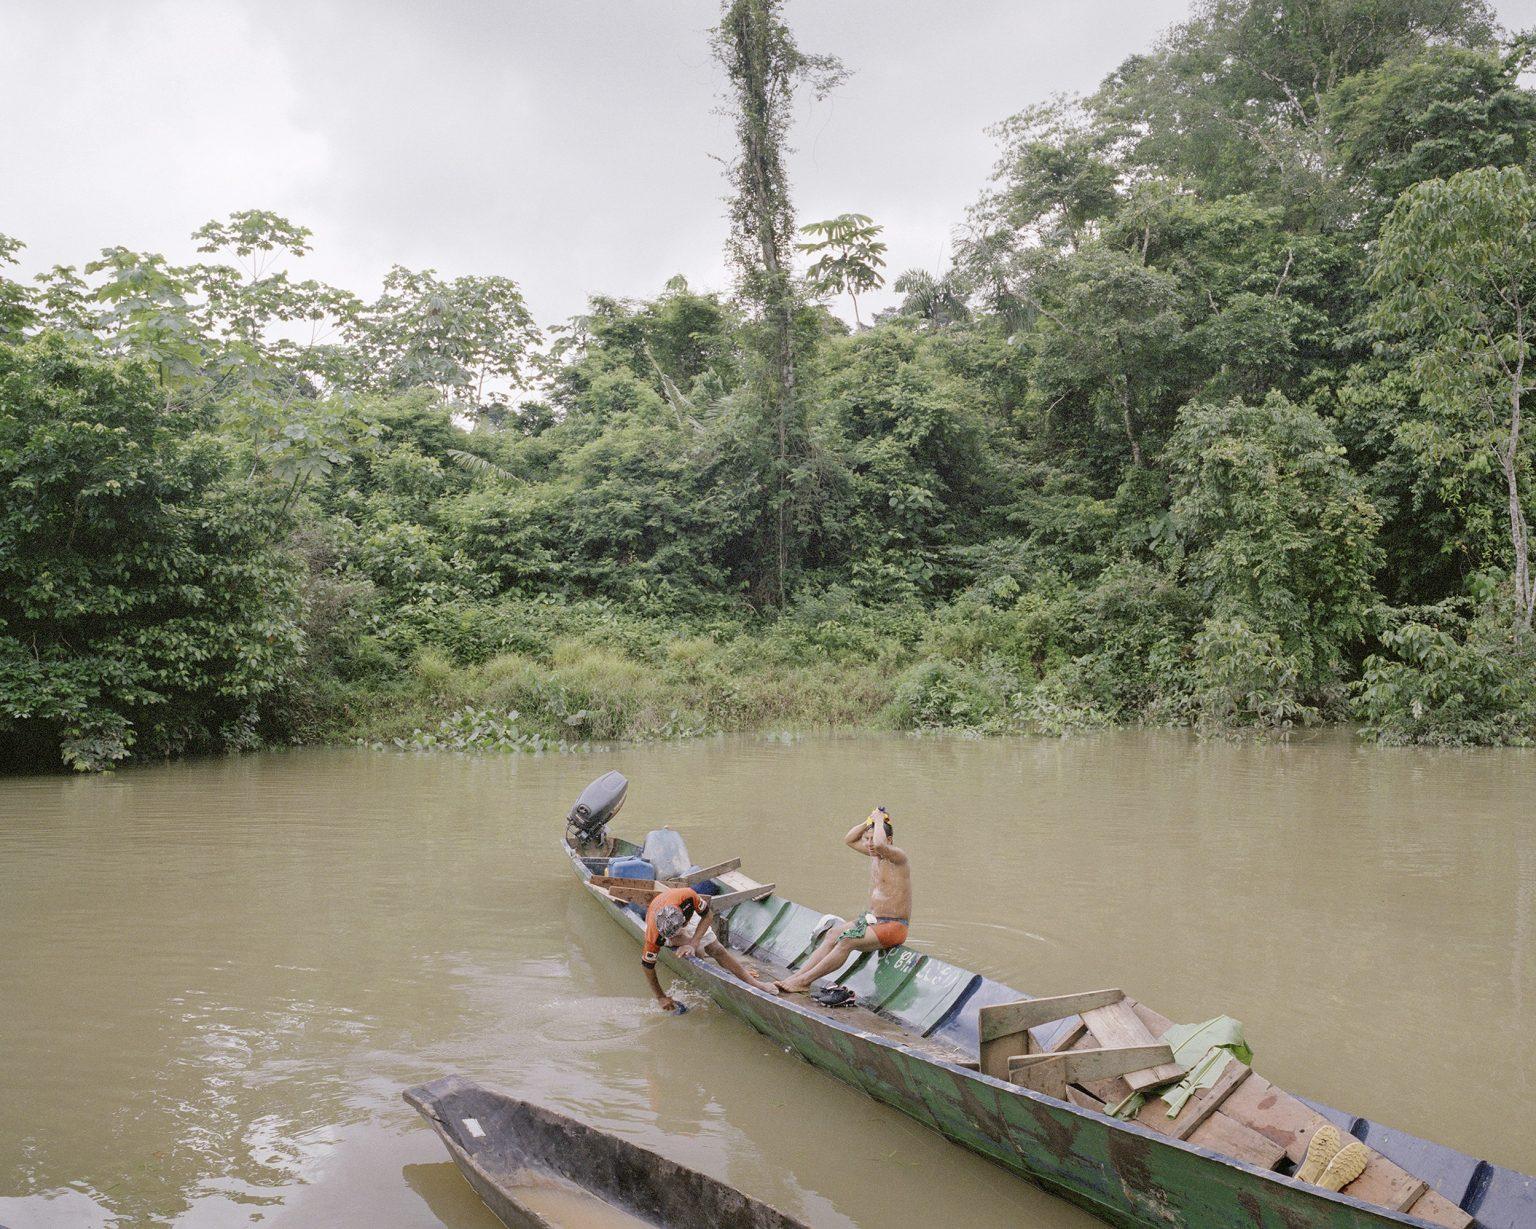 Indigeni Waorani si lavano nel fiume, nel cuore della zona intoccabile della foresta amazzonica ecuatoriana, una piccola zona protetta dallo stato a causa della presenza di tribu non contattate. Marzo 2013.  Waorani indigenous peolple wash themselves in the river, in the heart of the untouchable zone of the Amazon rainforest, a small area protected by the state due to the presence of uncontacted tribes. March 2013.